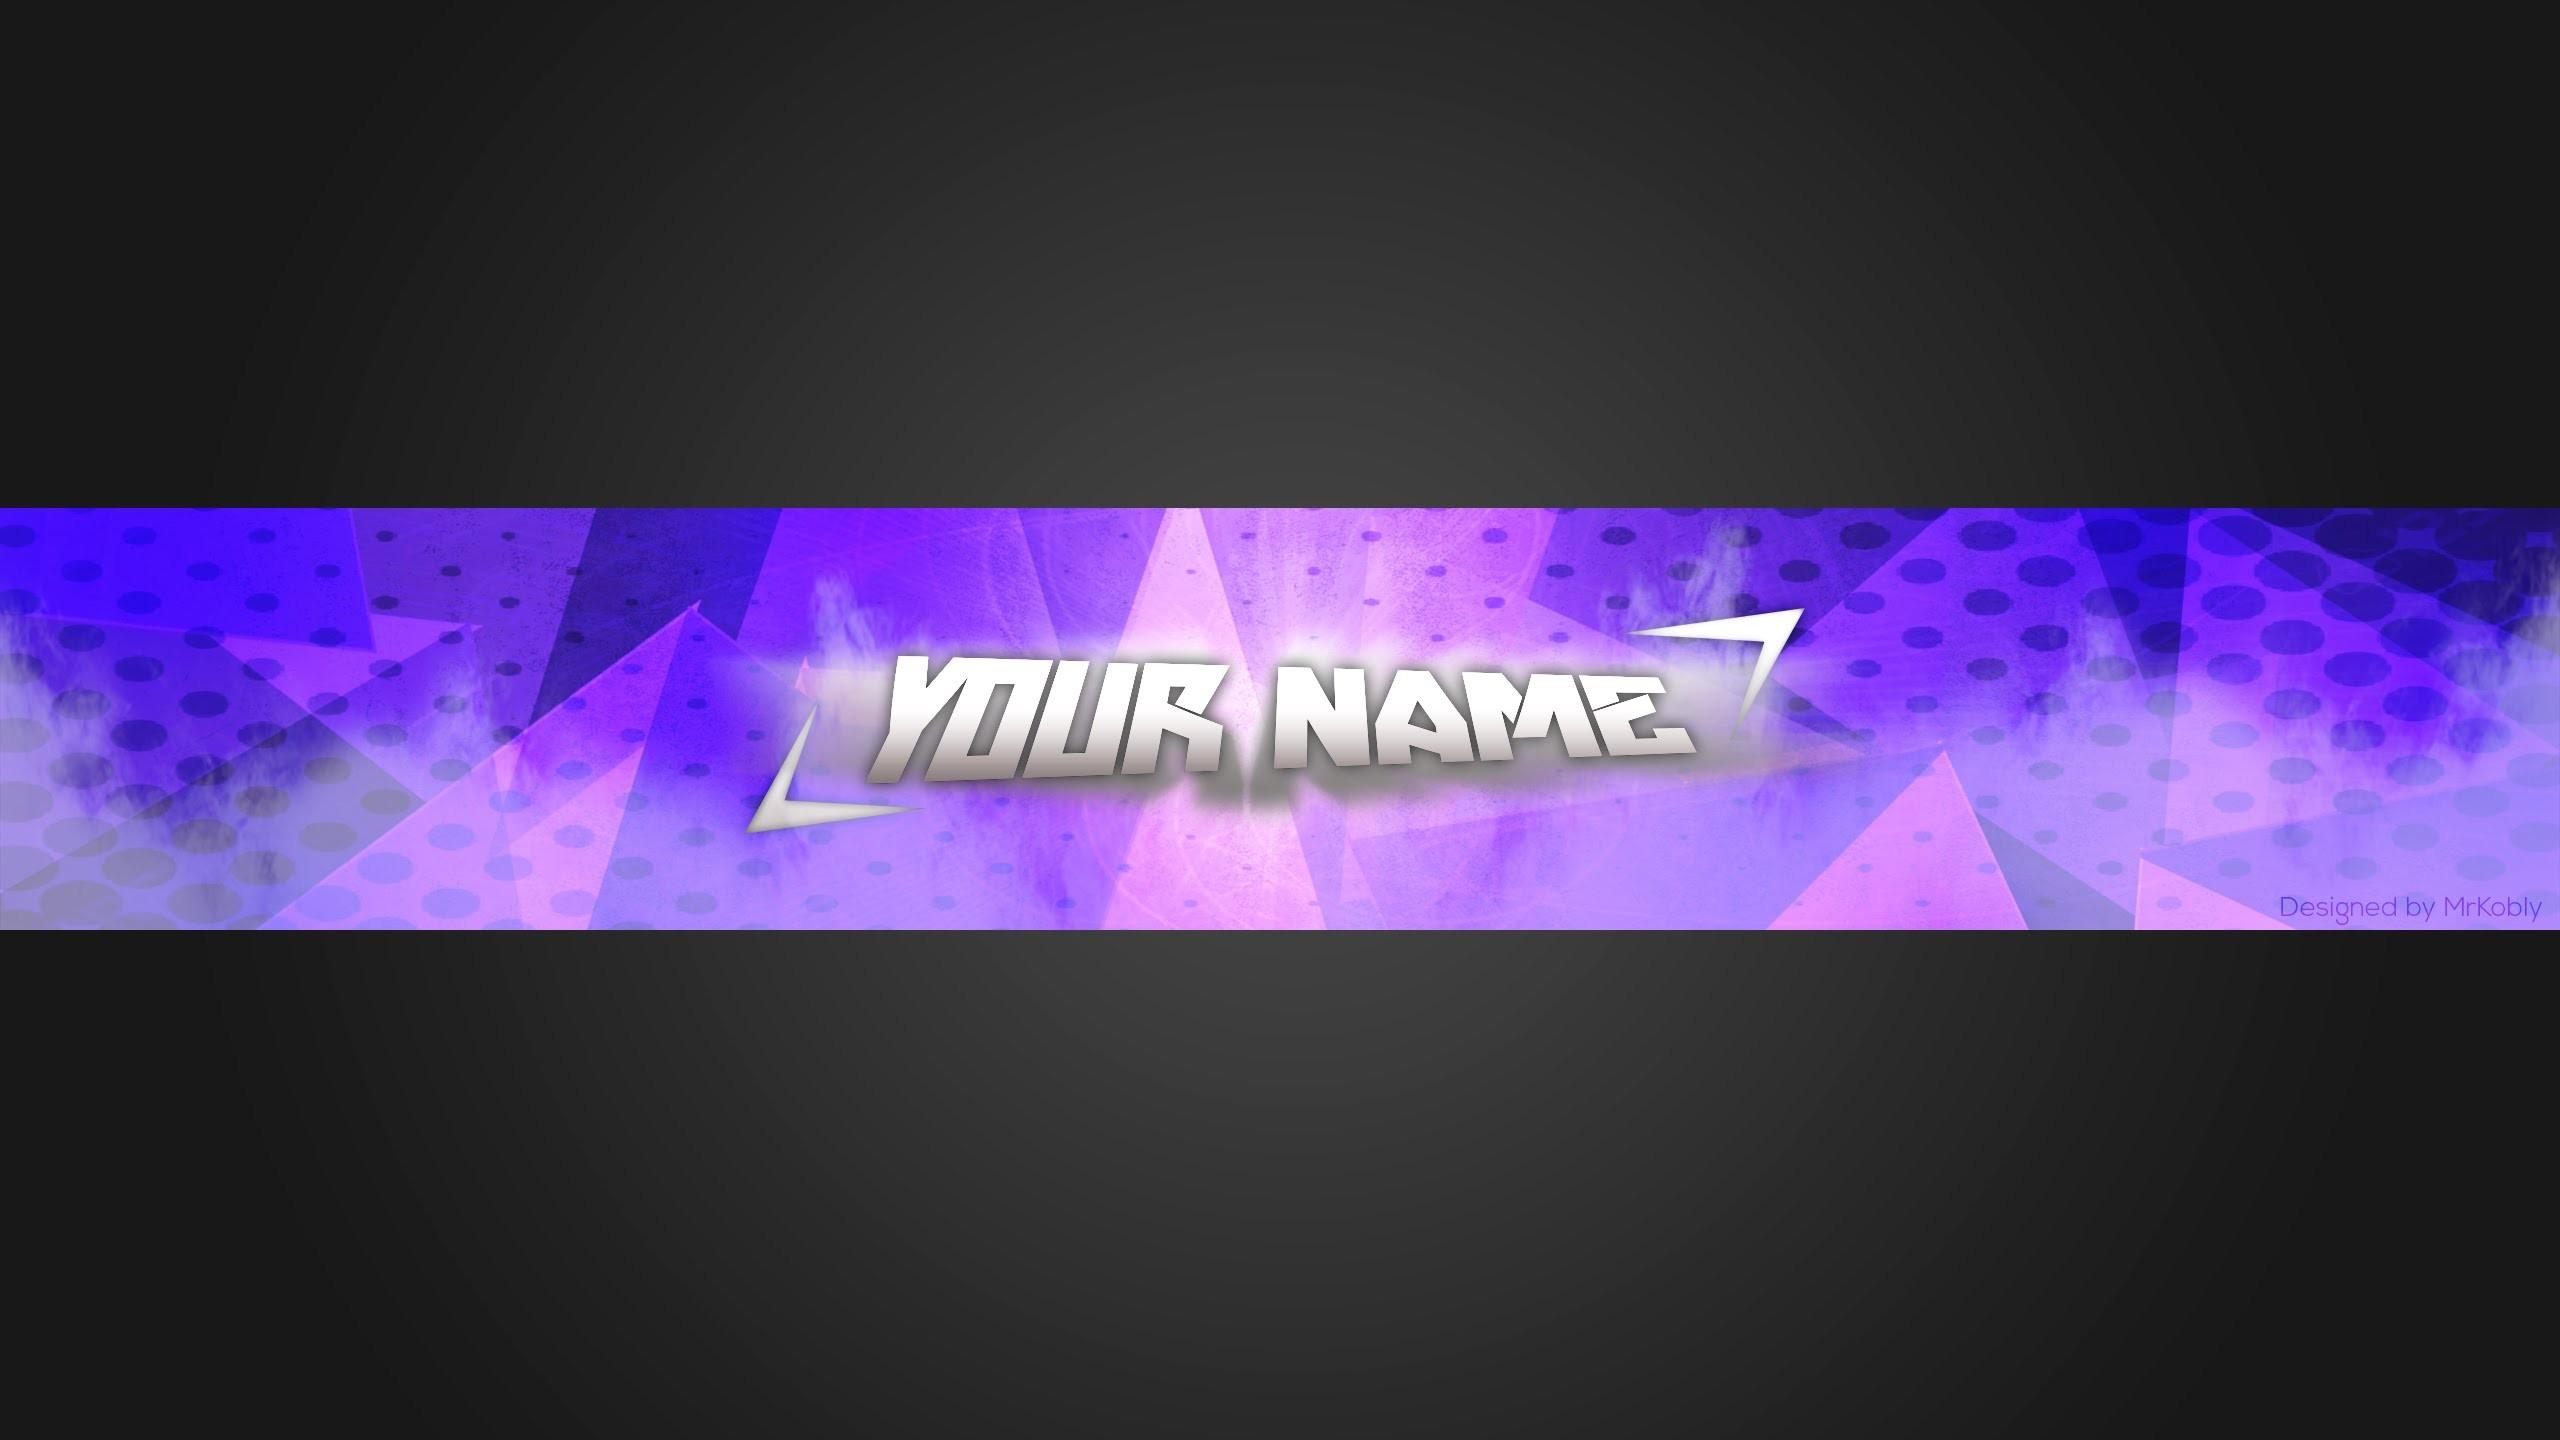 Youtube Banner Wallpaper In Youtube Banner Template - 2560 X 1440 Youtube Banner , HD Wallpaper & Backgrounds